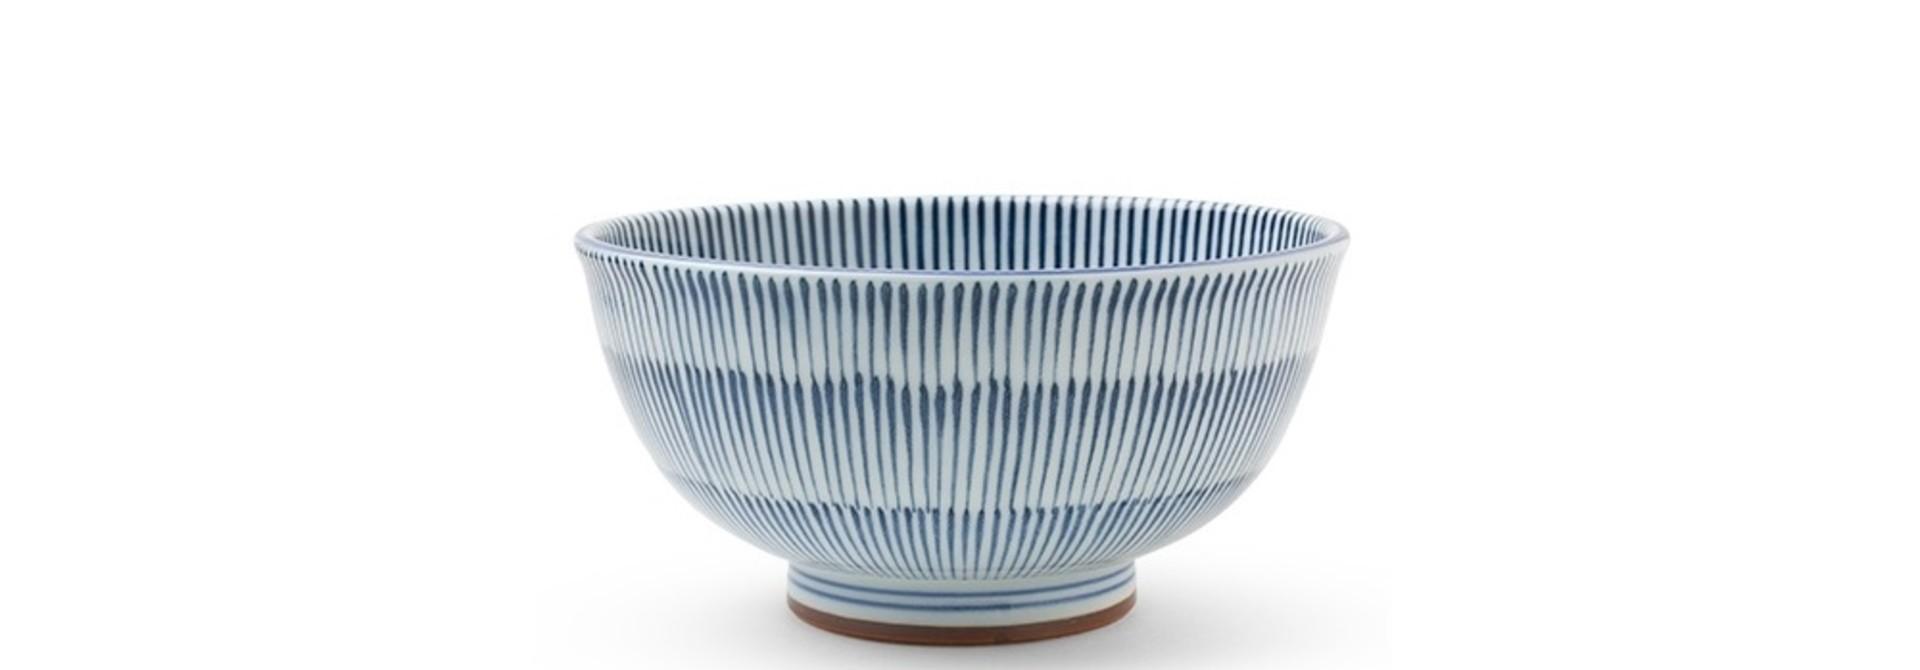 Hoso Tokusa - Essential Bowl